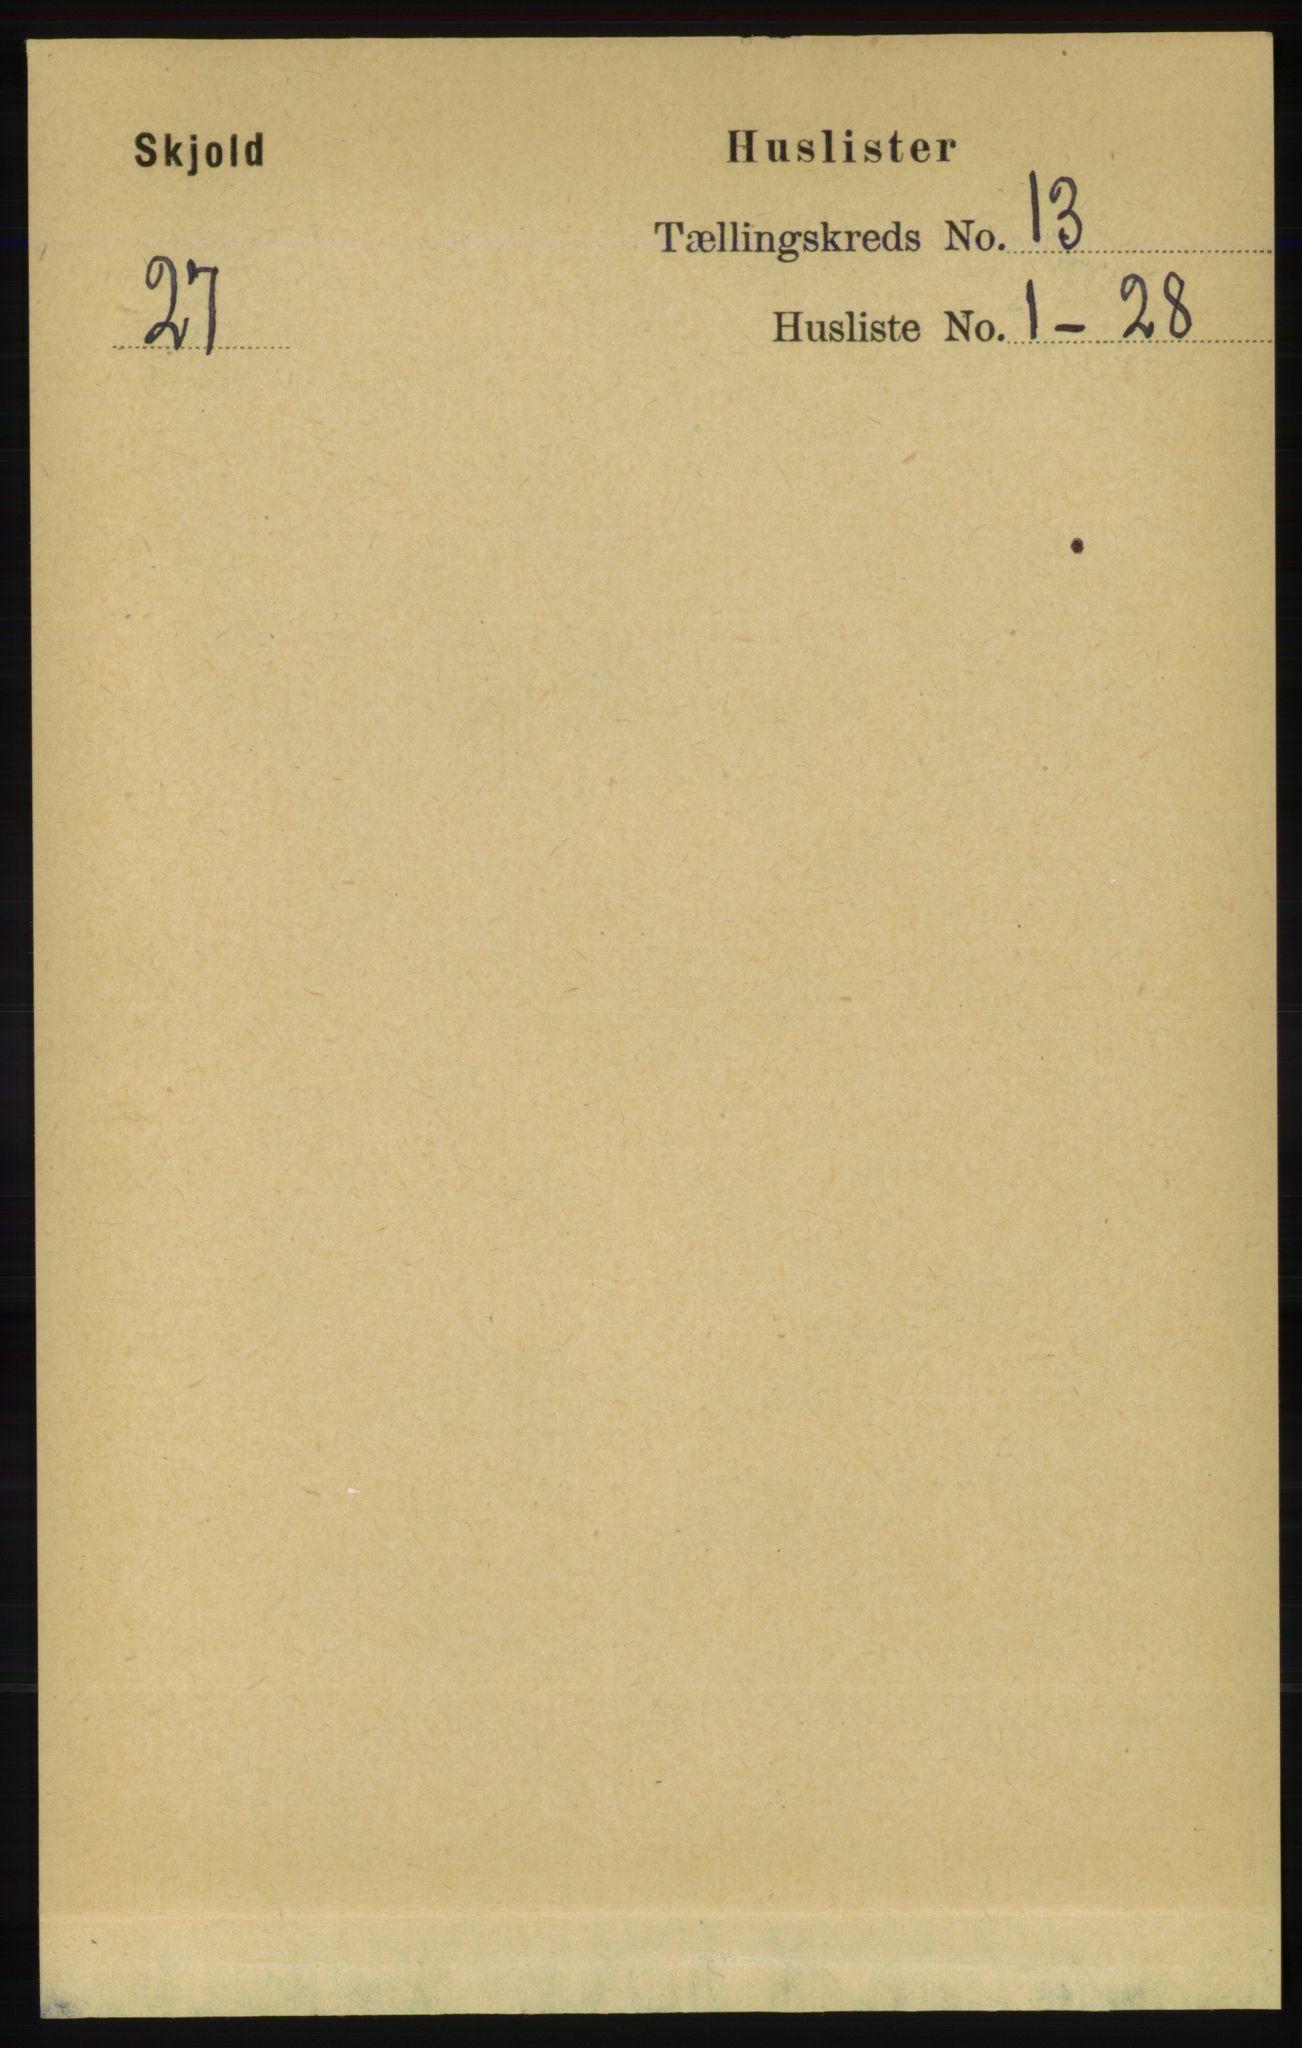 RA, Folketelling 1891 for 1154 Skjold herred, 1891, s. 2370